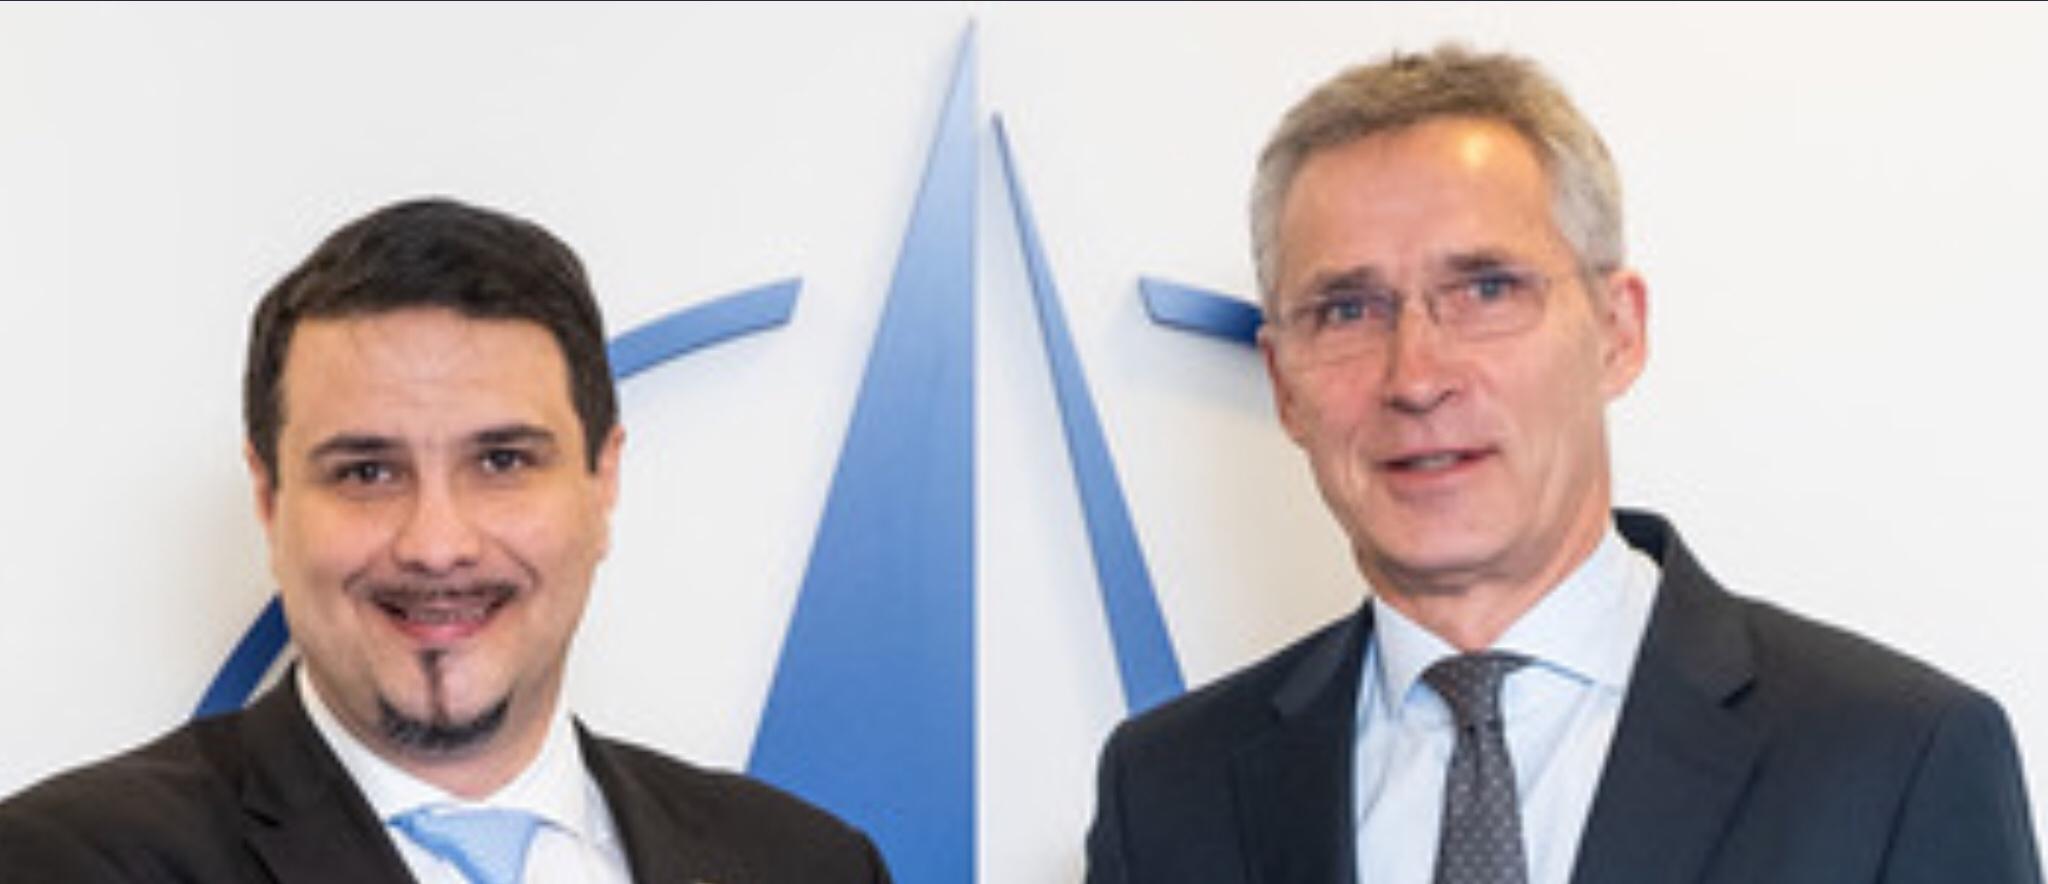 NATO: Greek delegation walks out